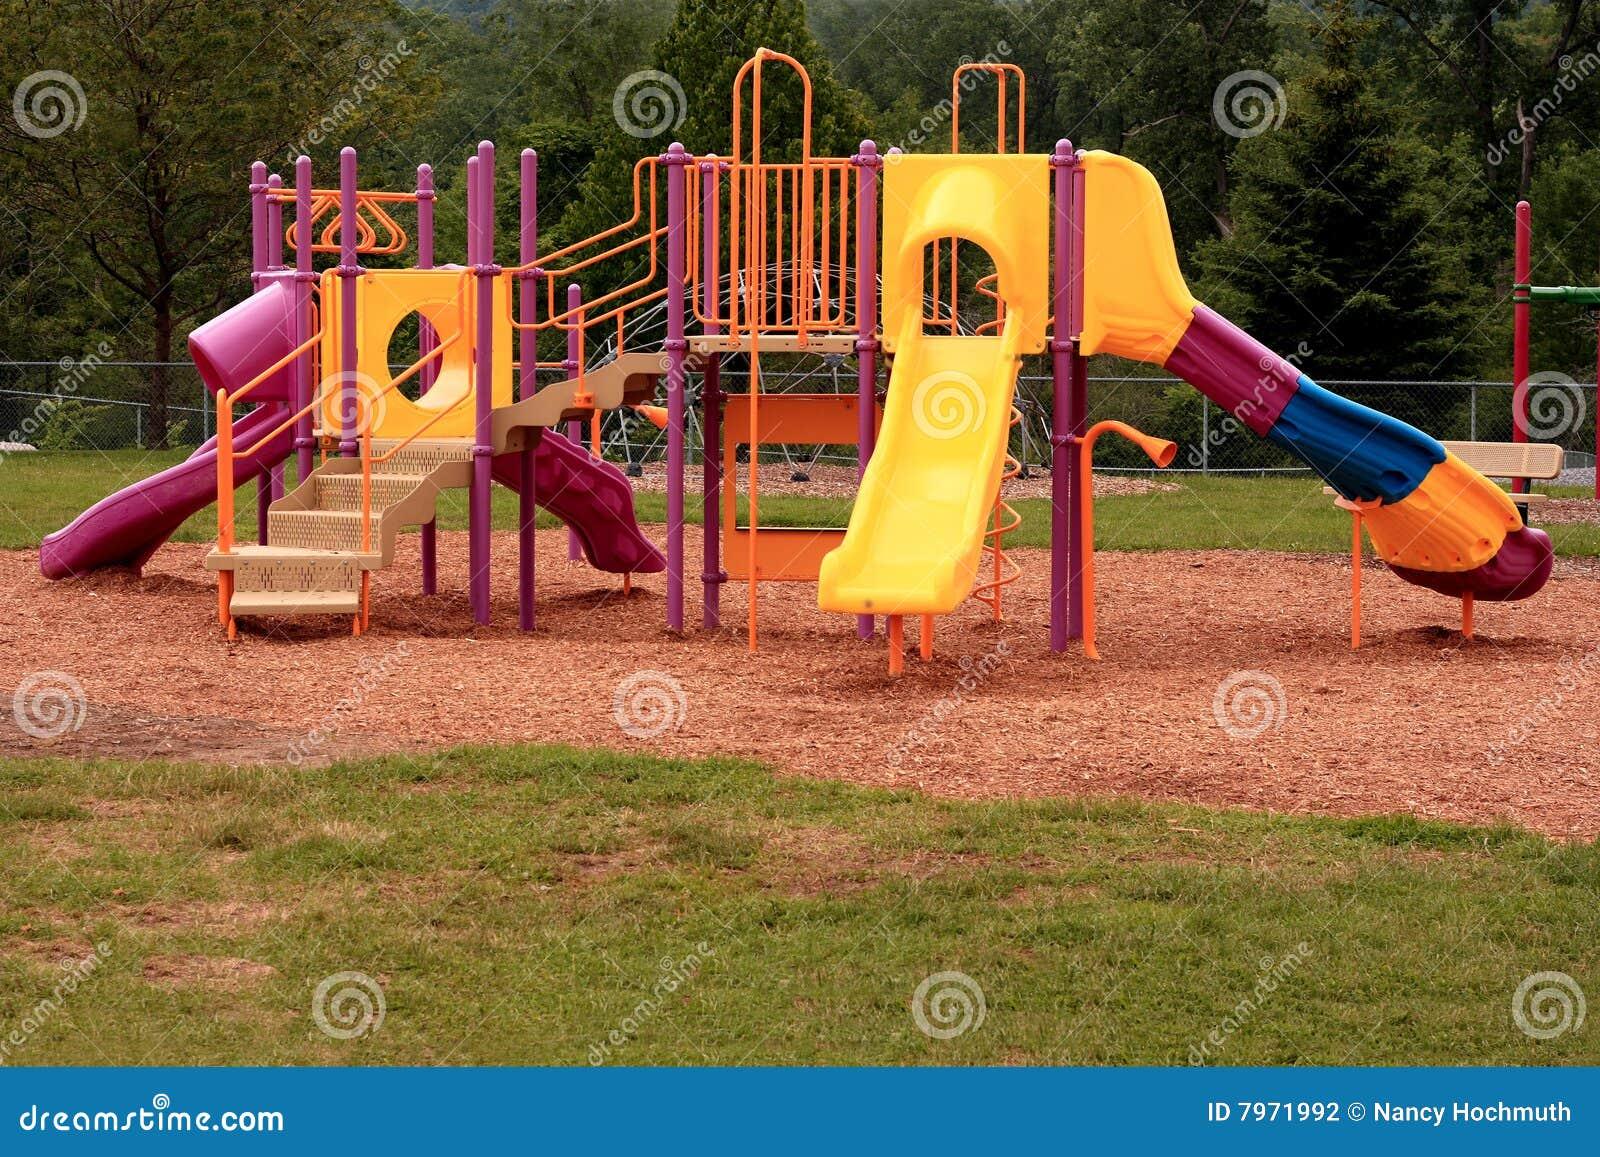 Playgound Jungle Gym